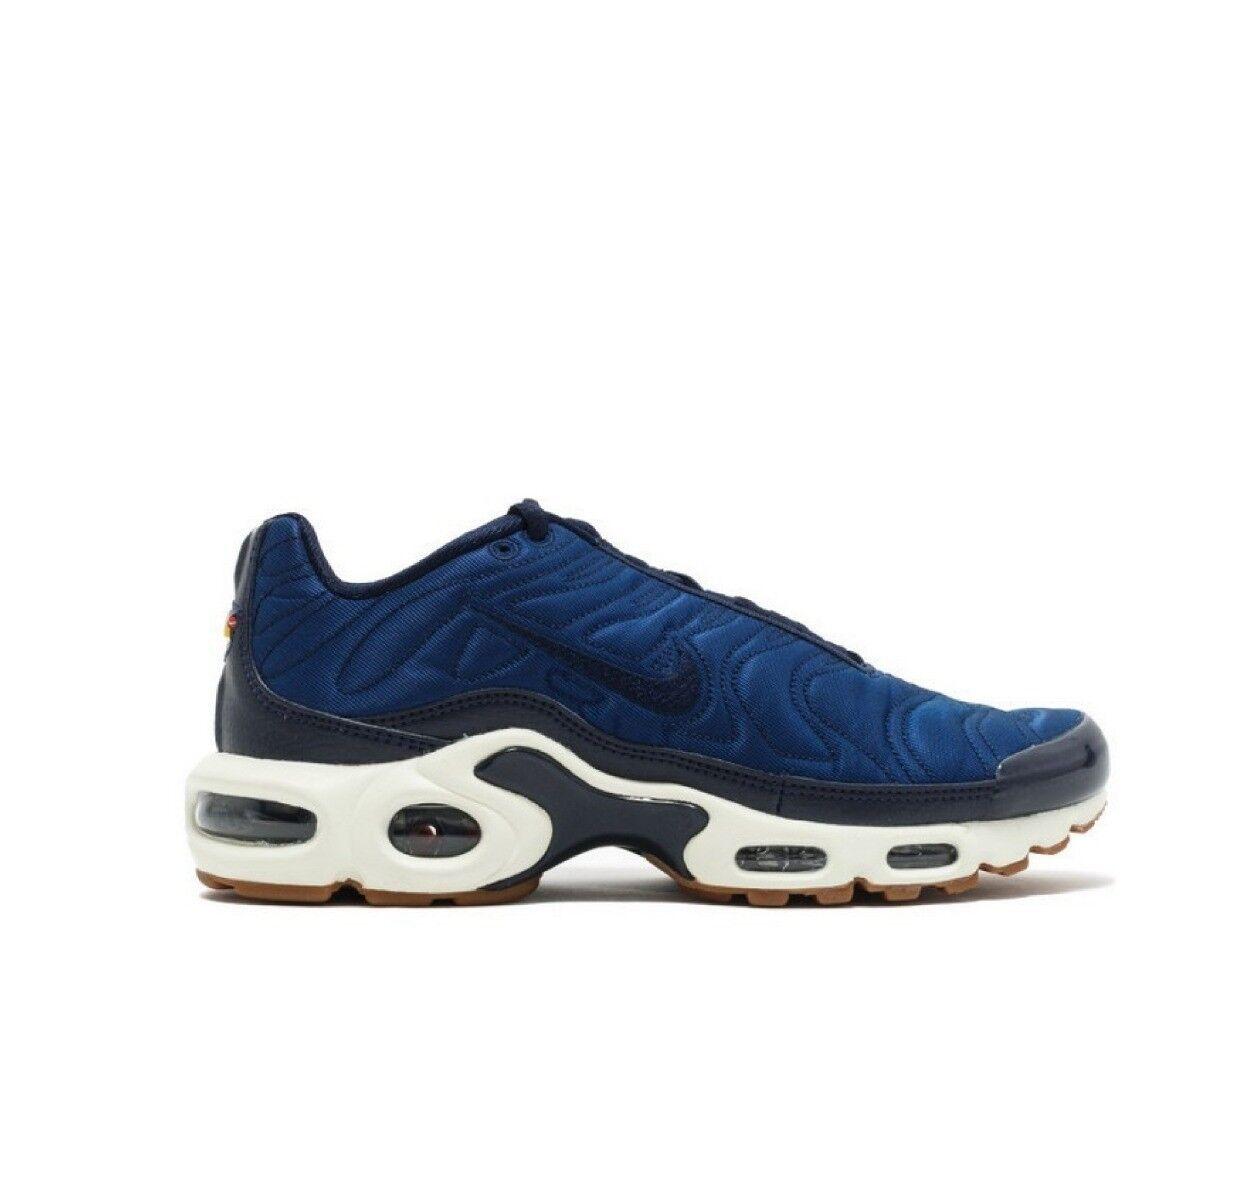 Para Para Para mujer Nike Air Max Plus Premium Uk Tamaño 4 Zapatos Entrenador Correr Obsidiana Azul  comprar barato